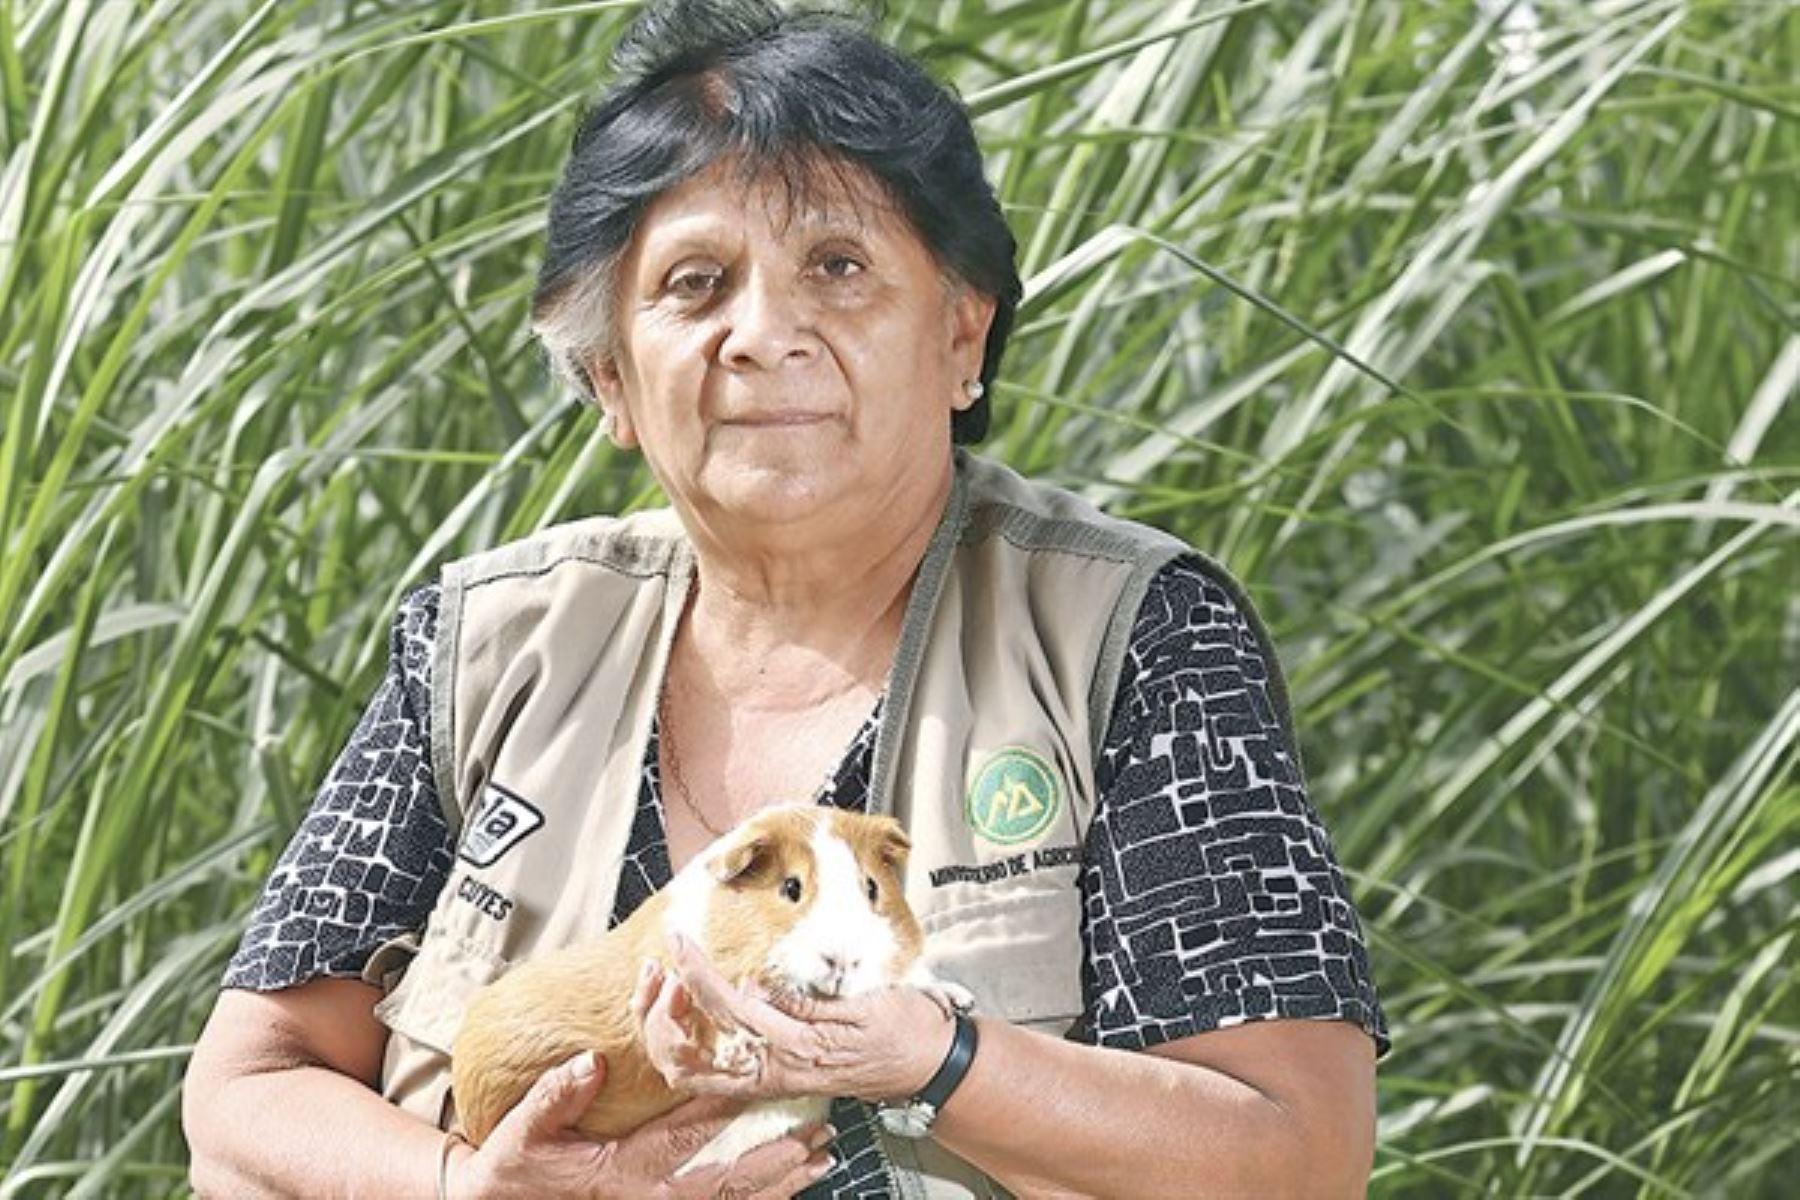 Destacada investigadora del ministerio de Agricultura, Lilian Chauca Francia, estudia sobre mejoras en la productividad y genética del Cuy desde hace 50 años.